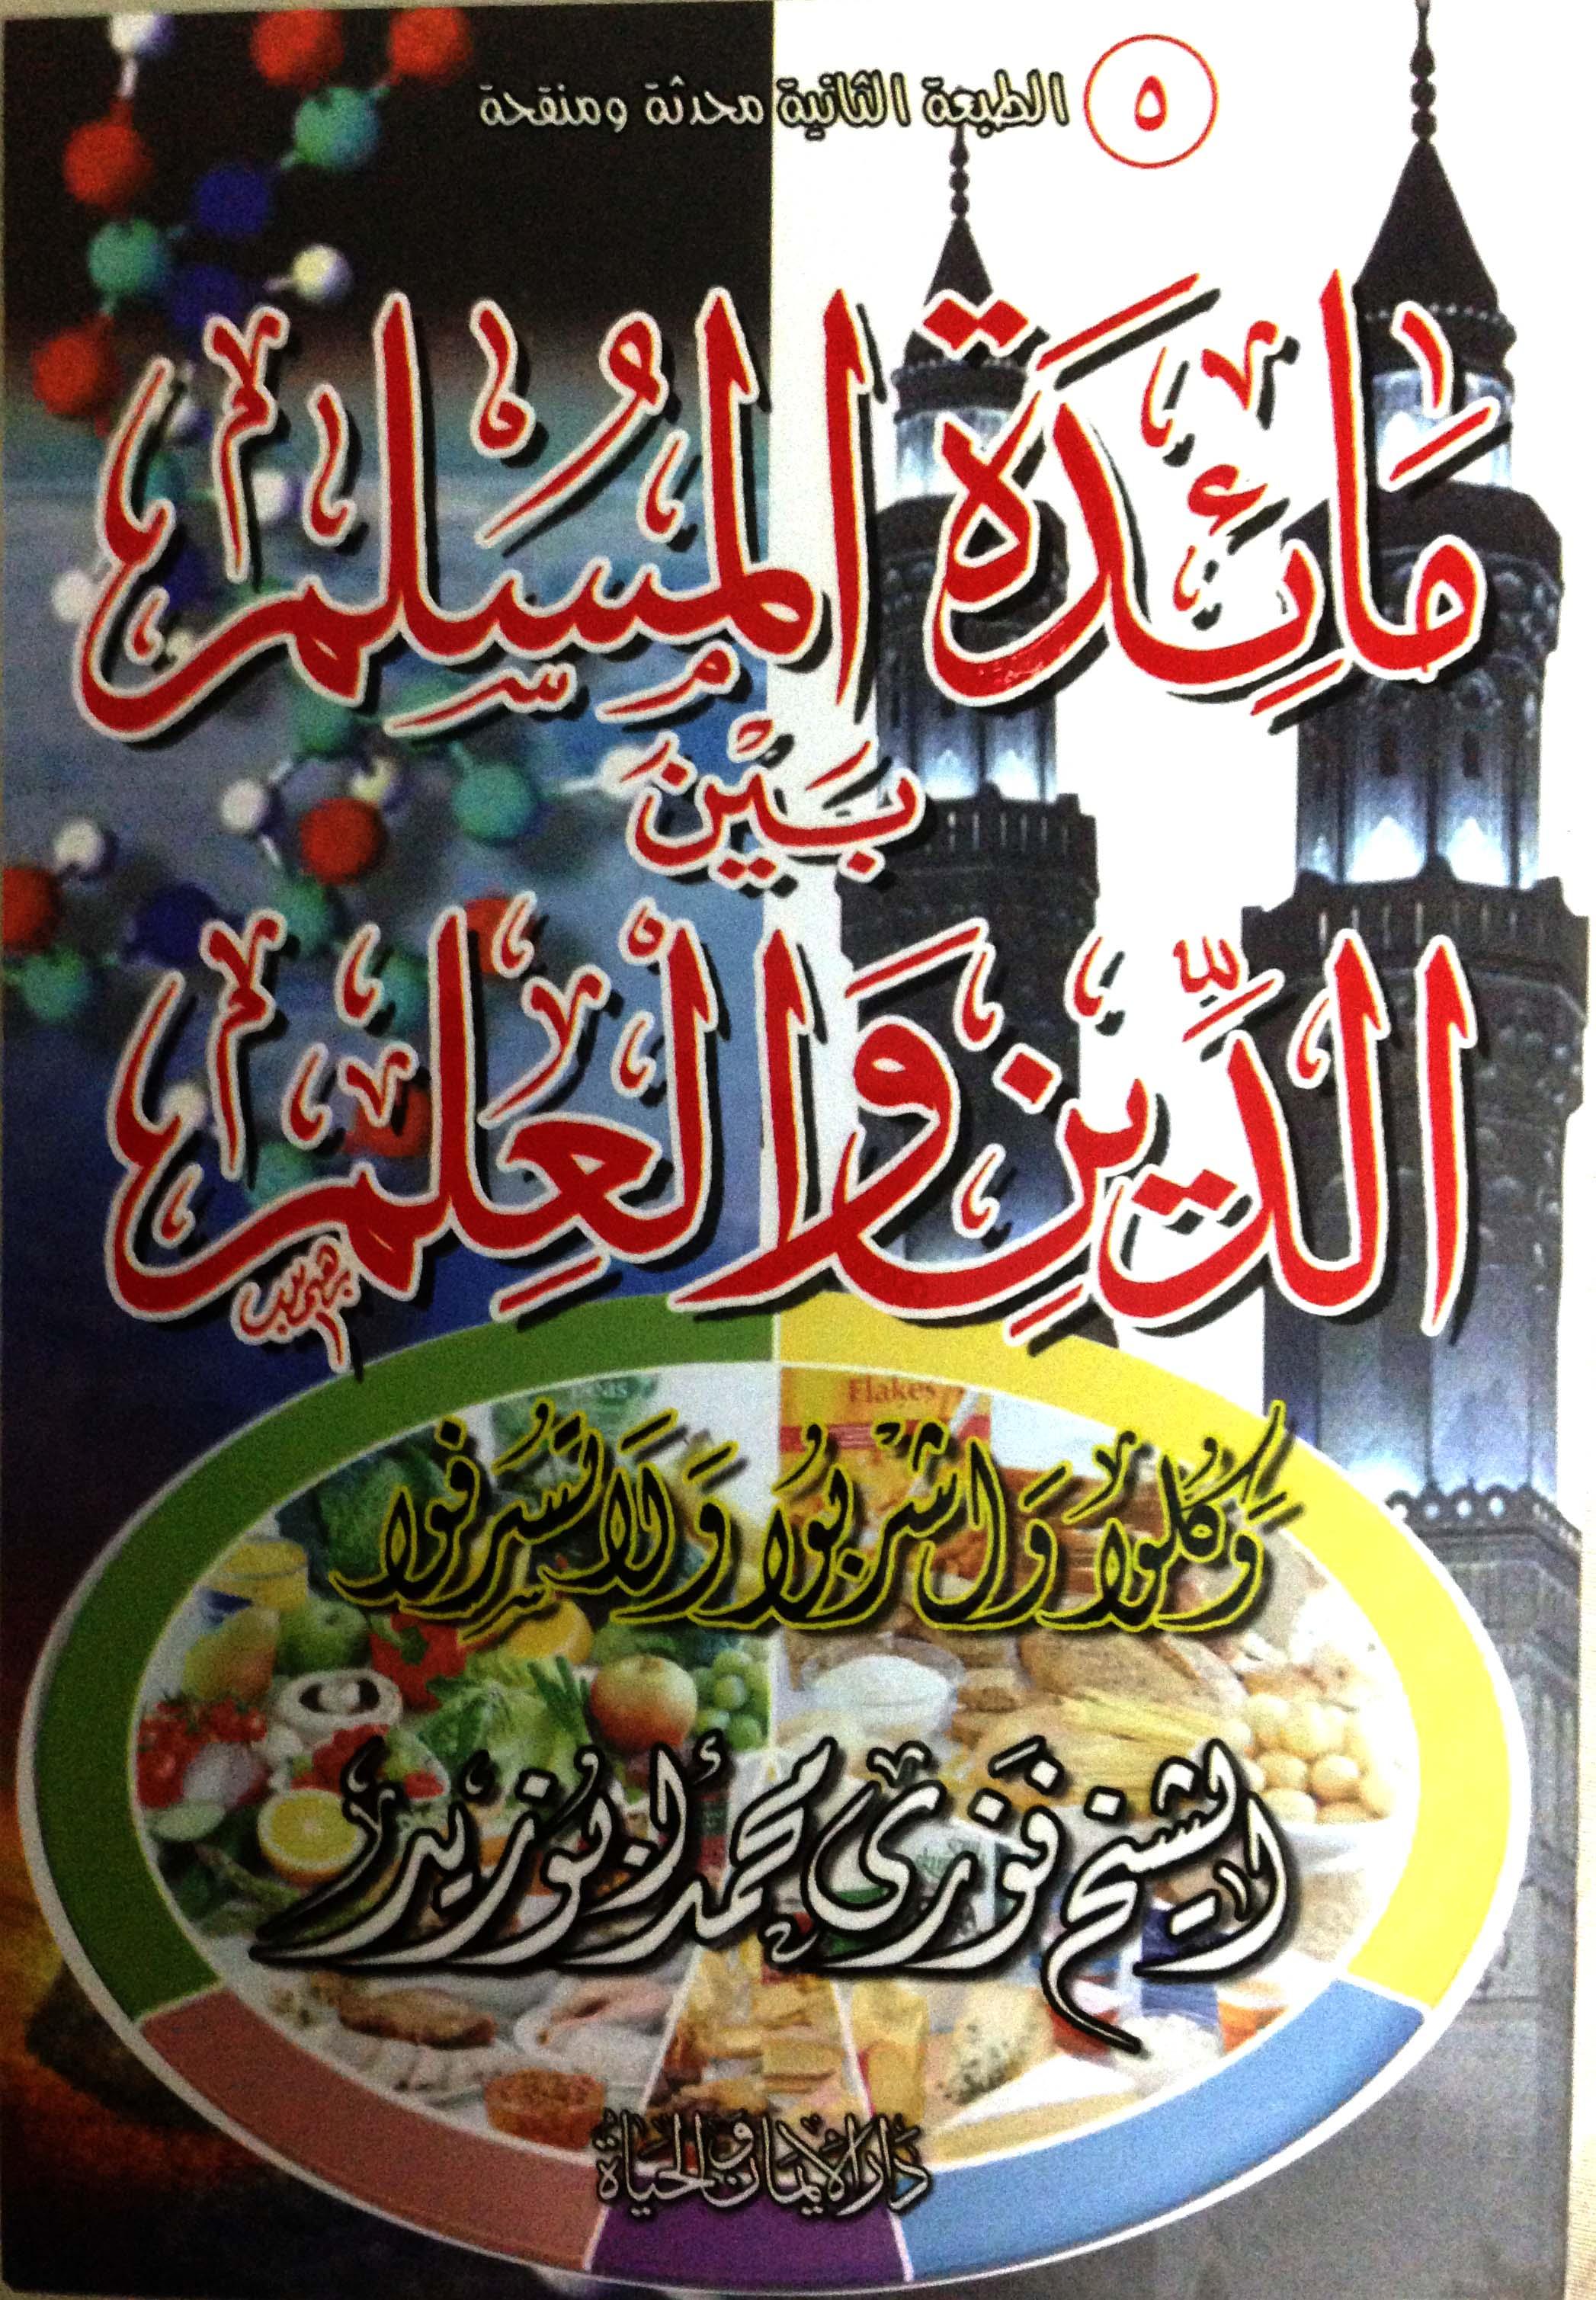 روابط تحميل كتب فضيلة الشيخ فوزي محمد أبوزيد  Book_maadt_al_muslim